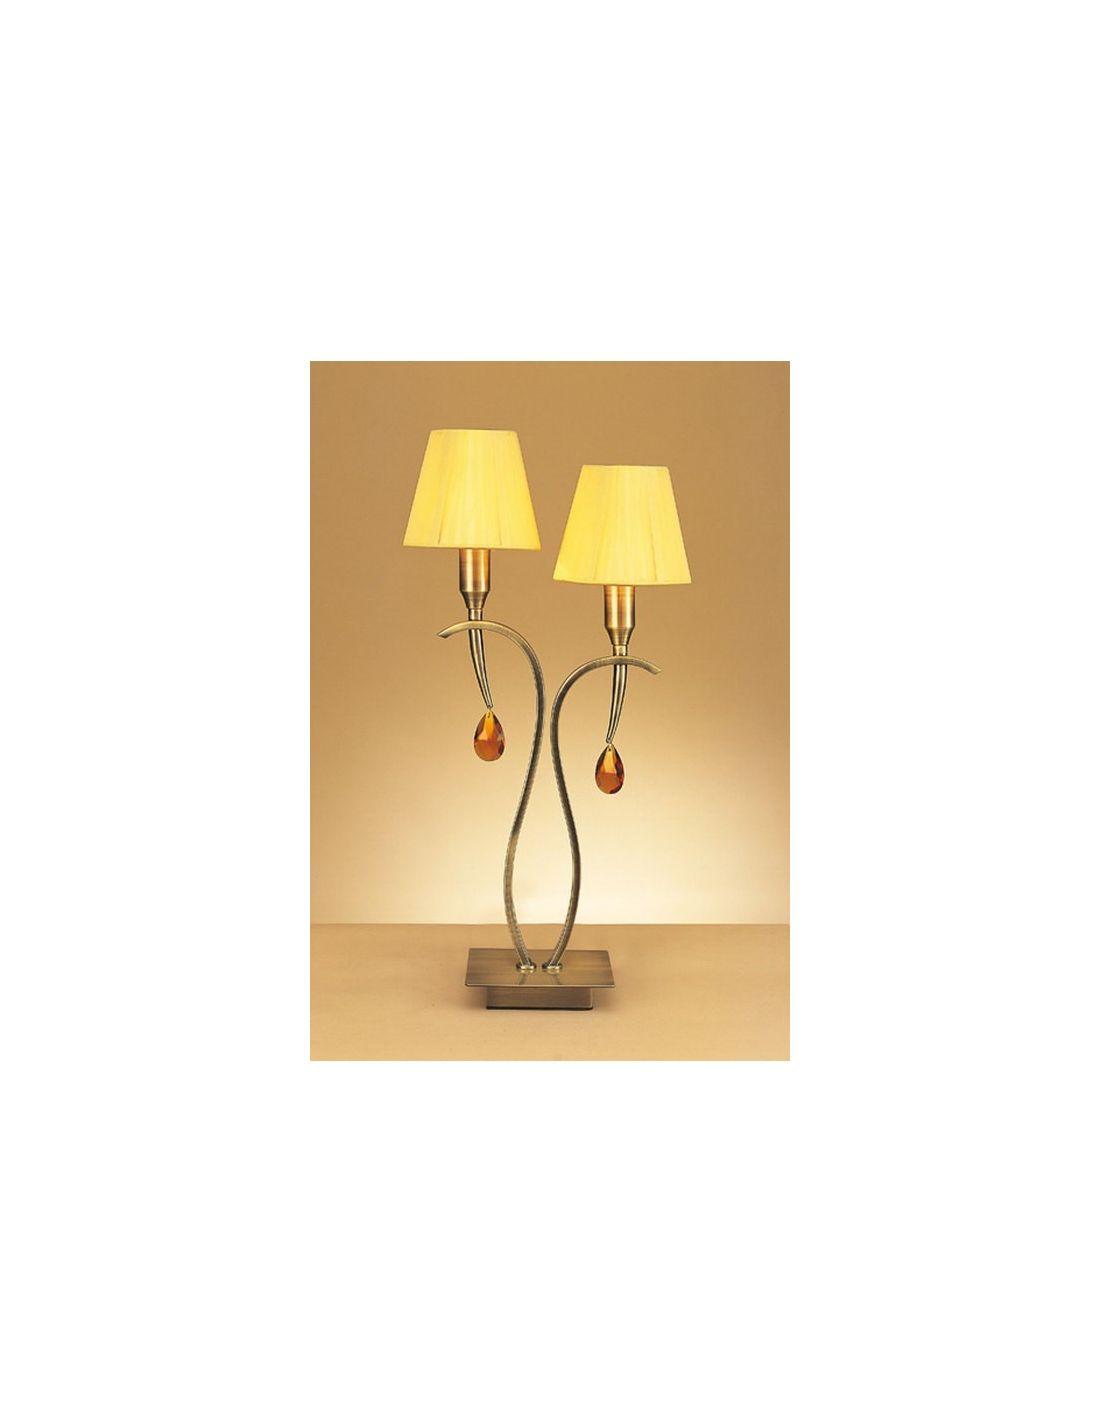 Lampara de colgar lamparas mantra luminarias mantra comprar luminarias luminarias de techo - Lamparas de mesa para dormitorio ...